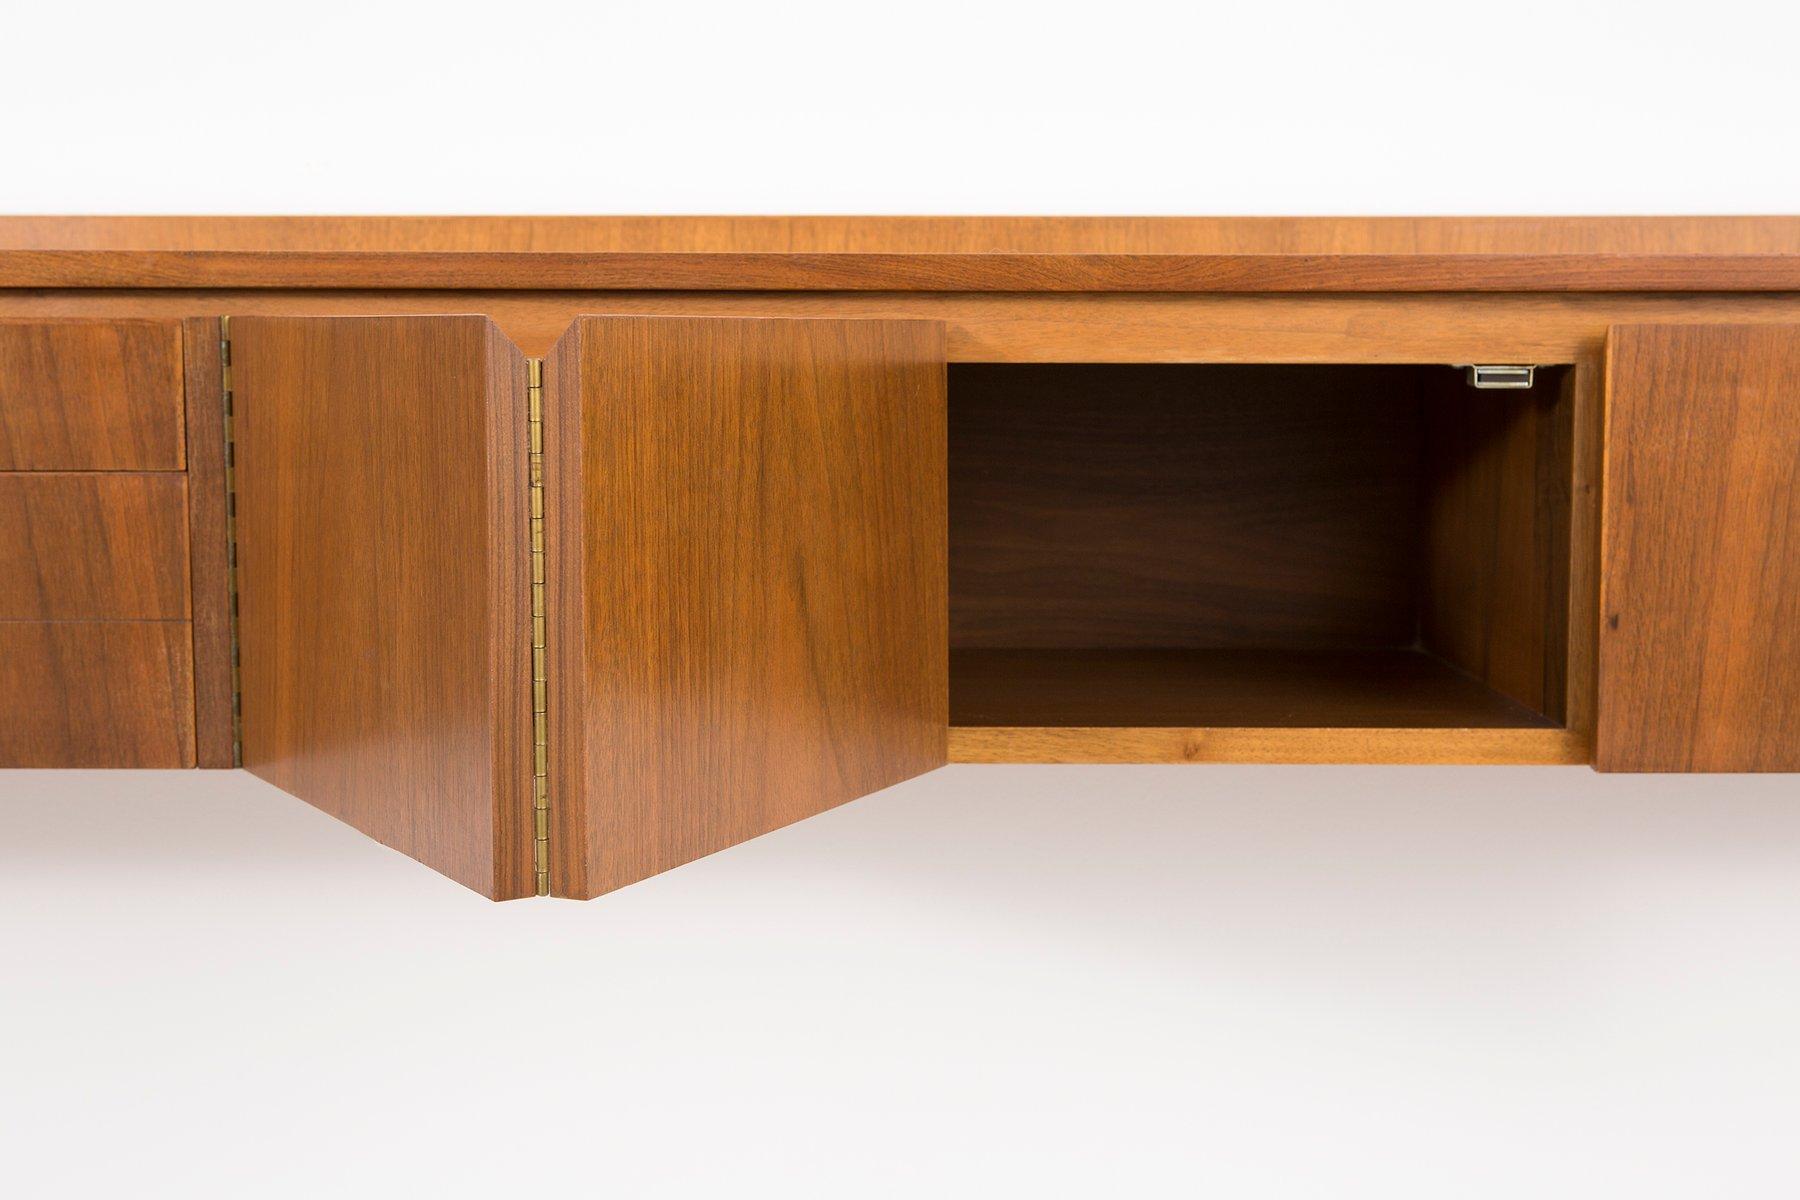 schwebendes mid century regalsystem von paul mccobb f r calvin bei pamono kaufen. Black Bedroom Furniture Sets. Home Design Ideas